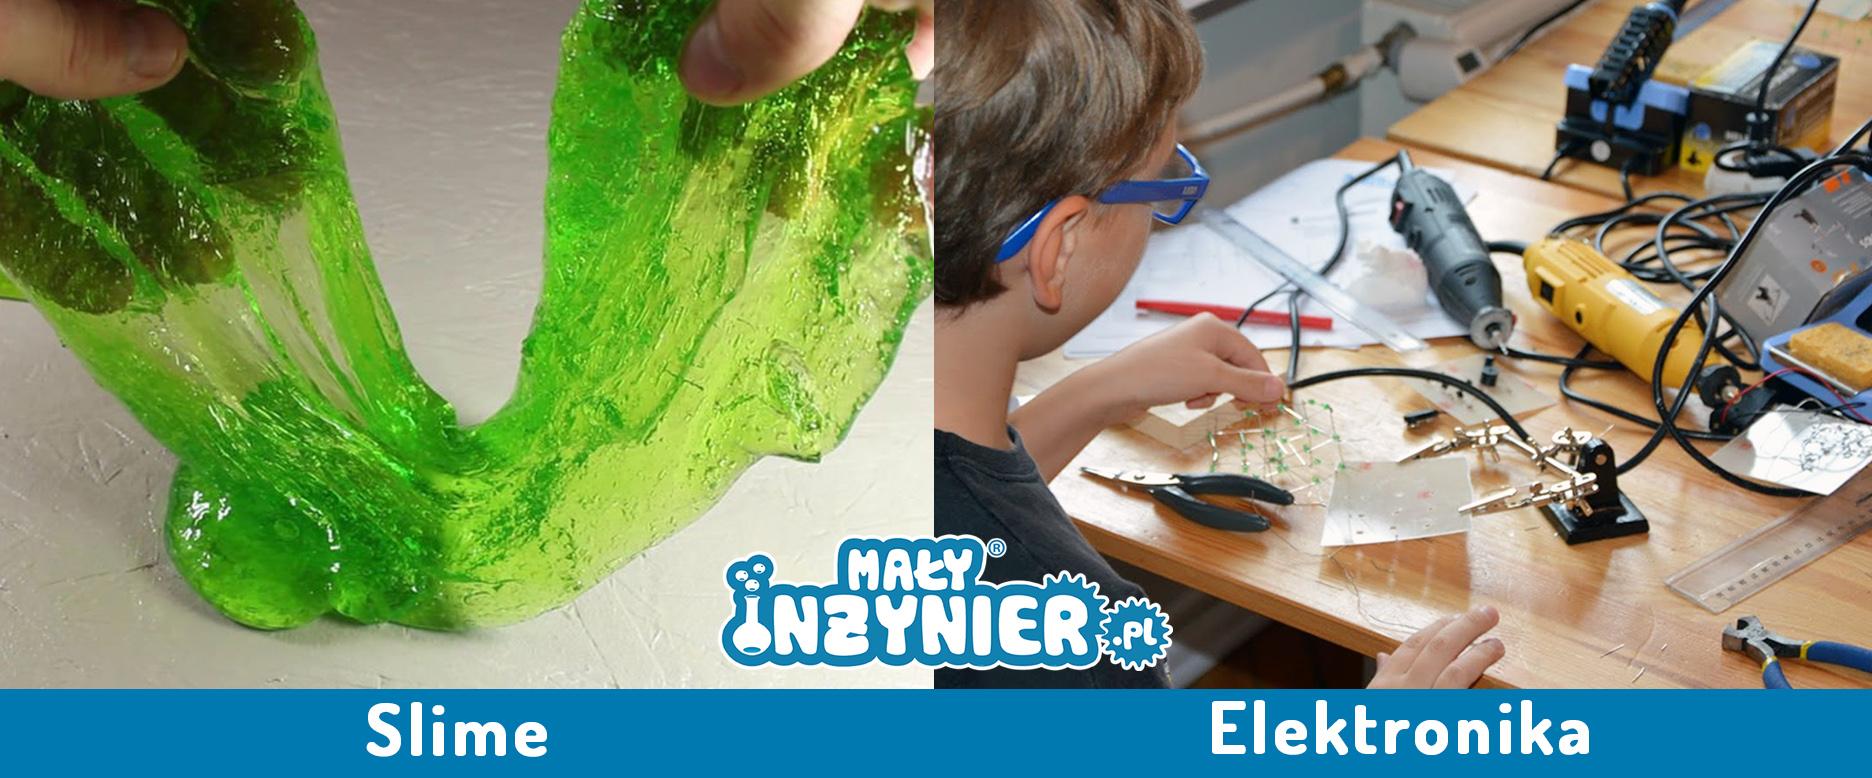 miasto dzieci ferie slime elektronika